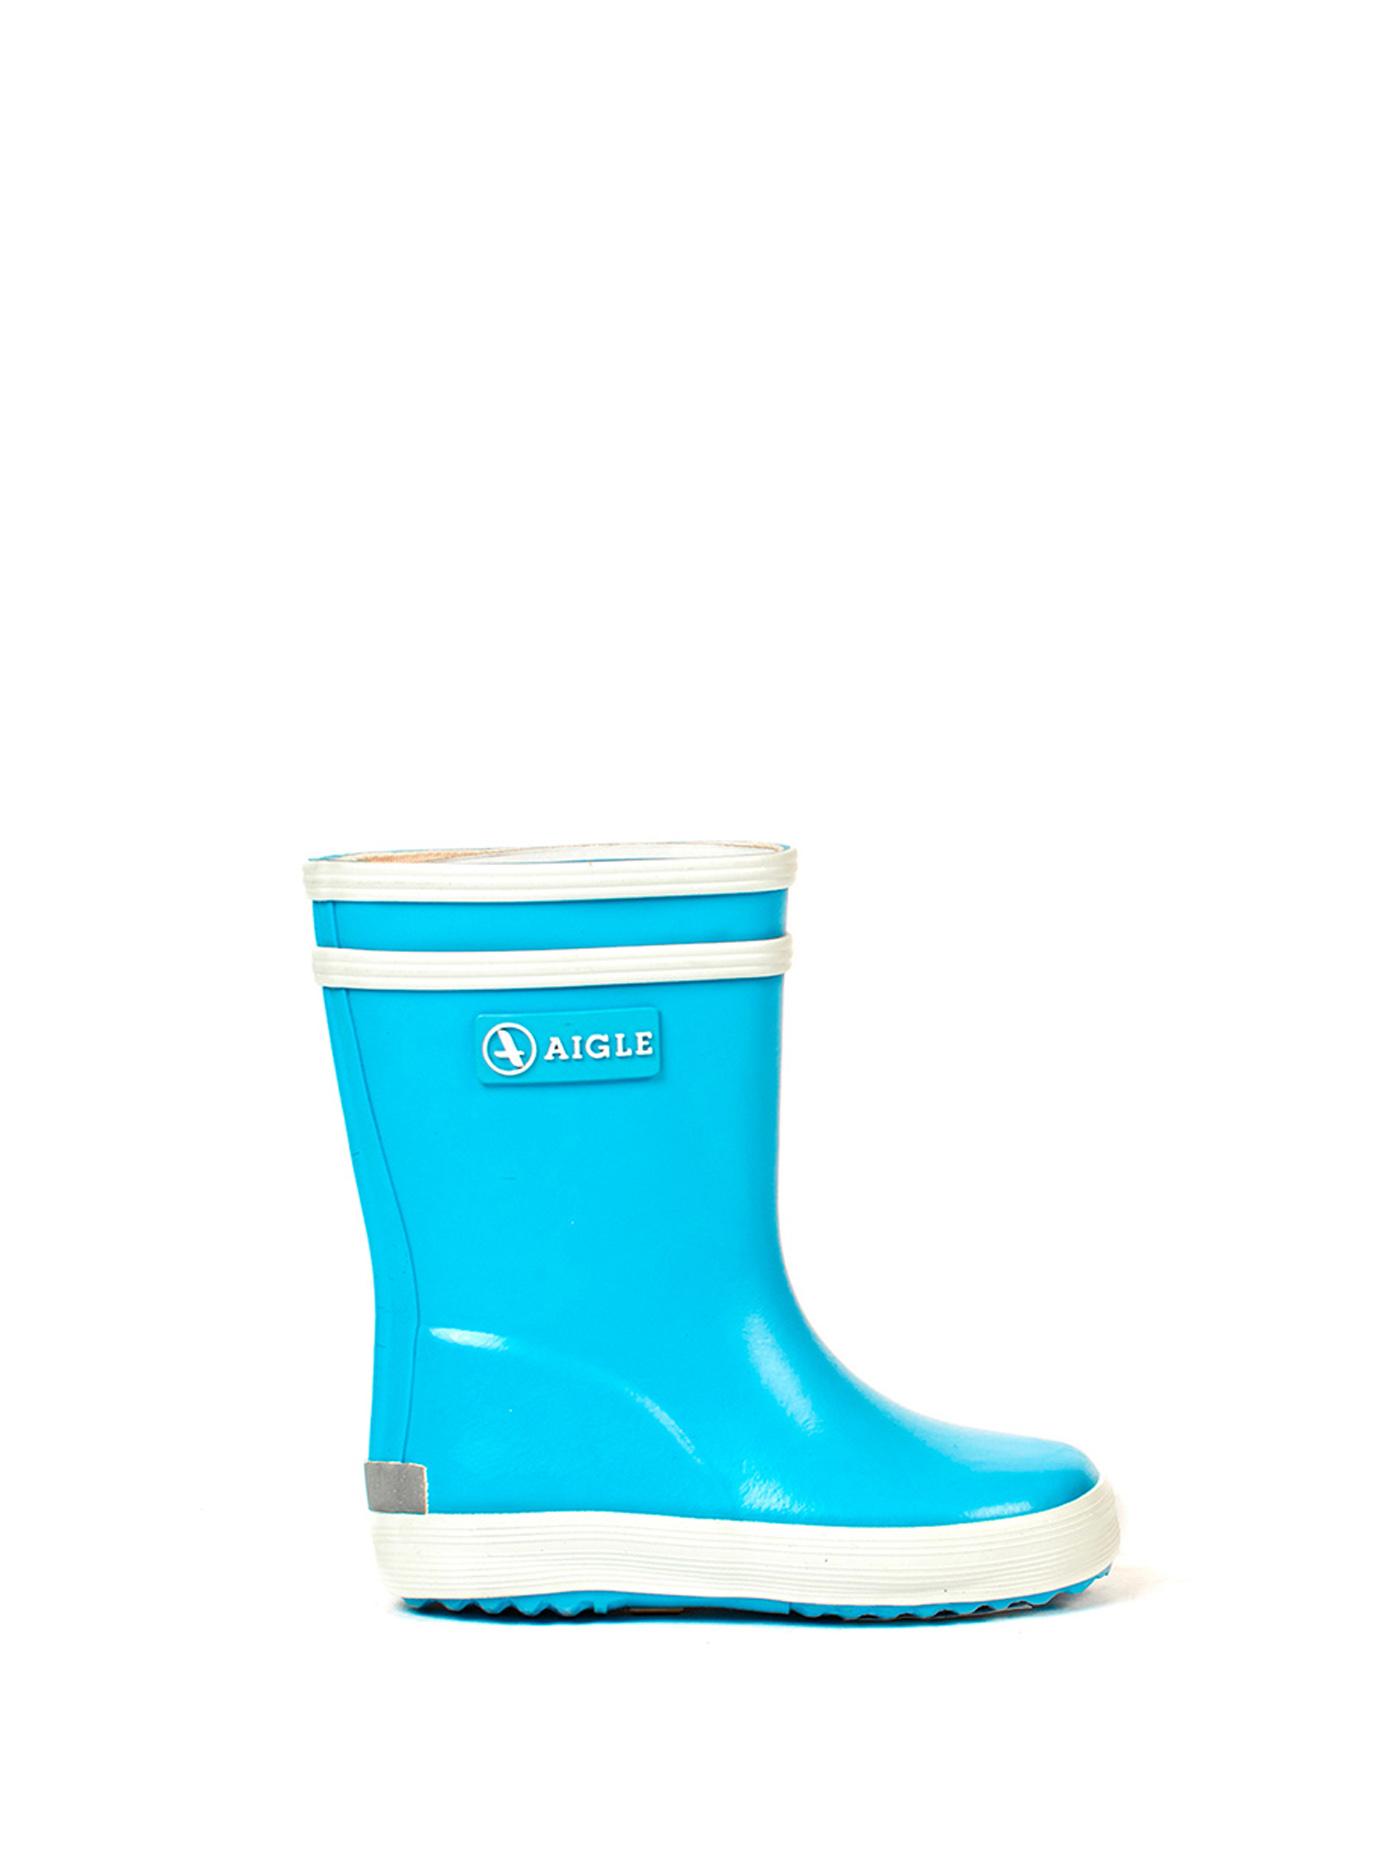 separation shoes c1e27 1ac5c BABY FLAC| Gummistiefel für die Kleinen Buis | Aiglekinder ...